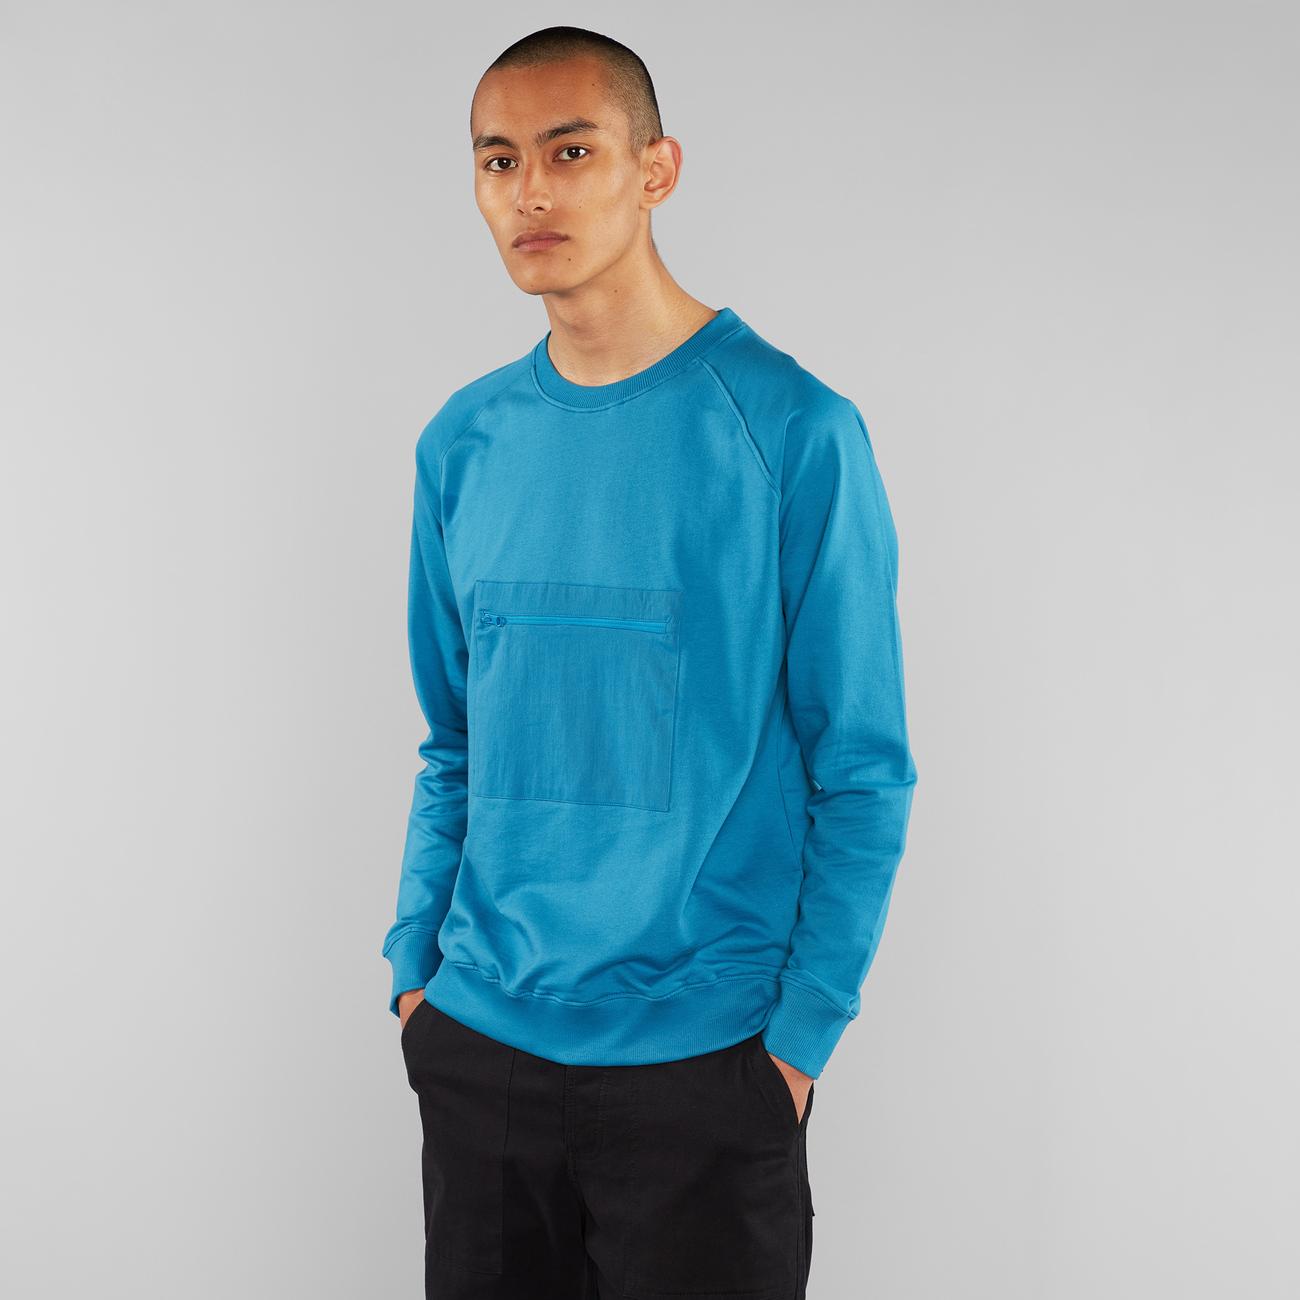 Sweatshirt Malmoe Pocket Turquoise